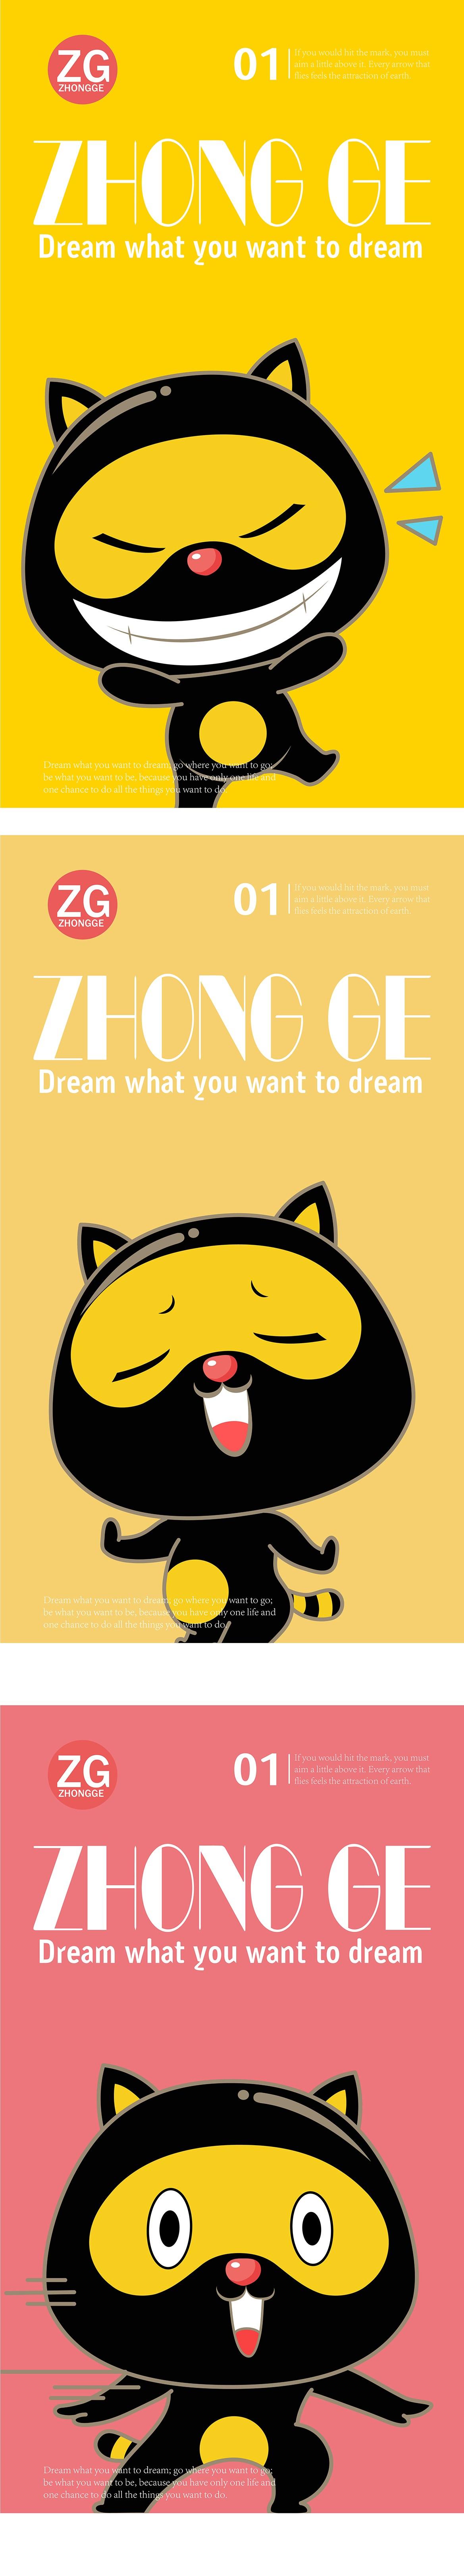 种哥来了卡通形象设计品牌形象吉祥物设计微信动态表情gif设计已经上线了---茁茁猫原创设计